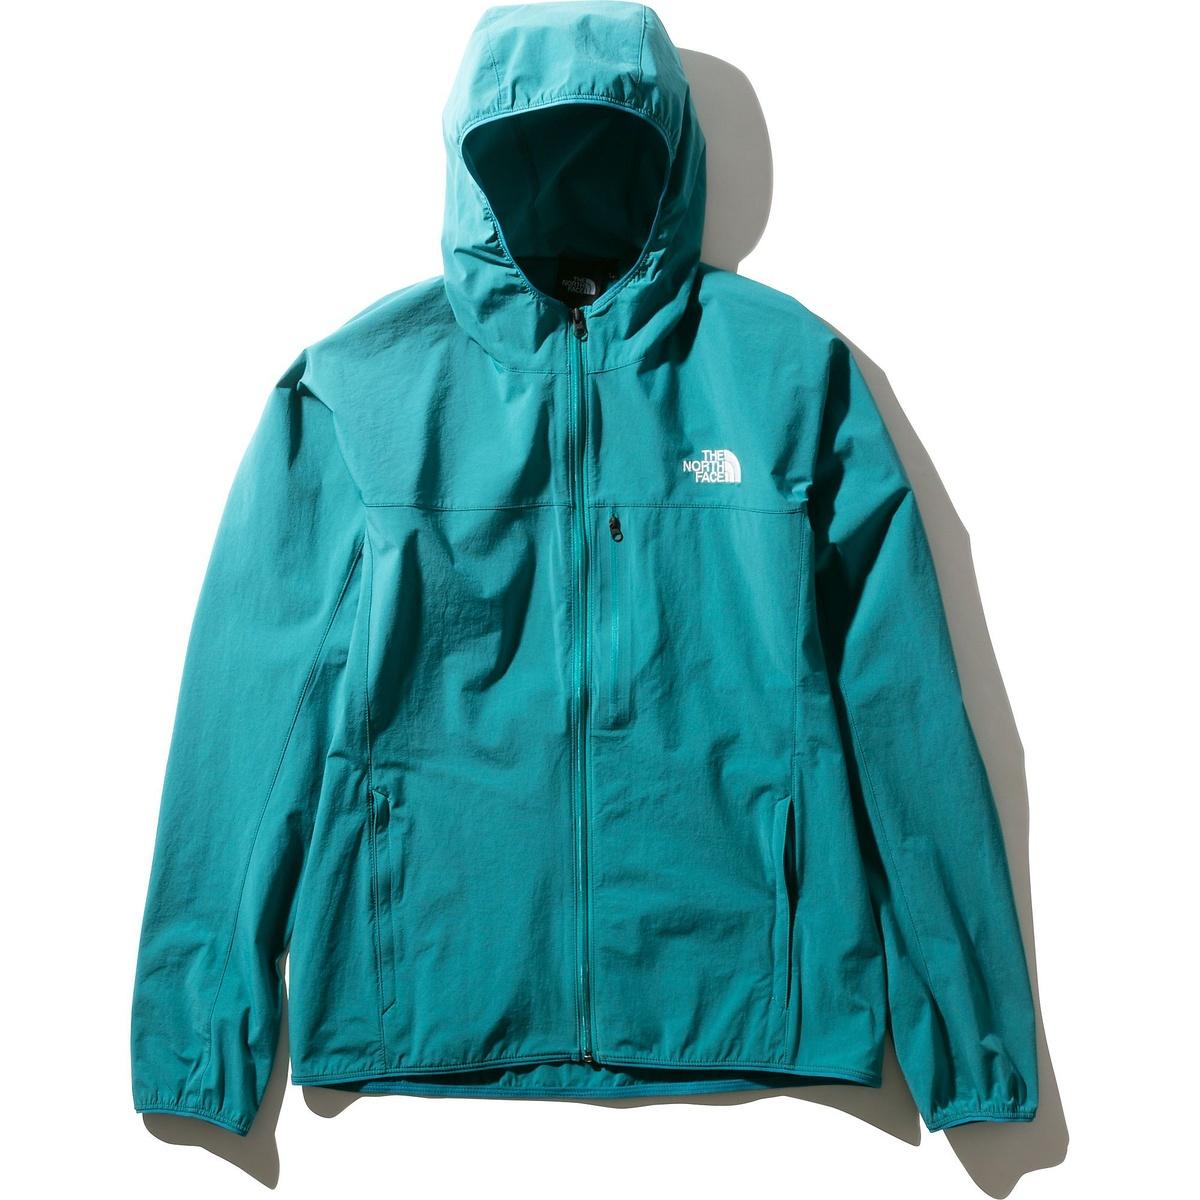 ノースフェイス トレッキング アウトドア マート 薄手ジャケット 新作製品、世界最高品質人気! Mountain Softshell Hoodie NORTH FF マウンテンソフトシェルフーディ FACE メンズ NP21703 THE